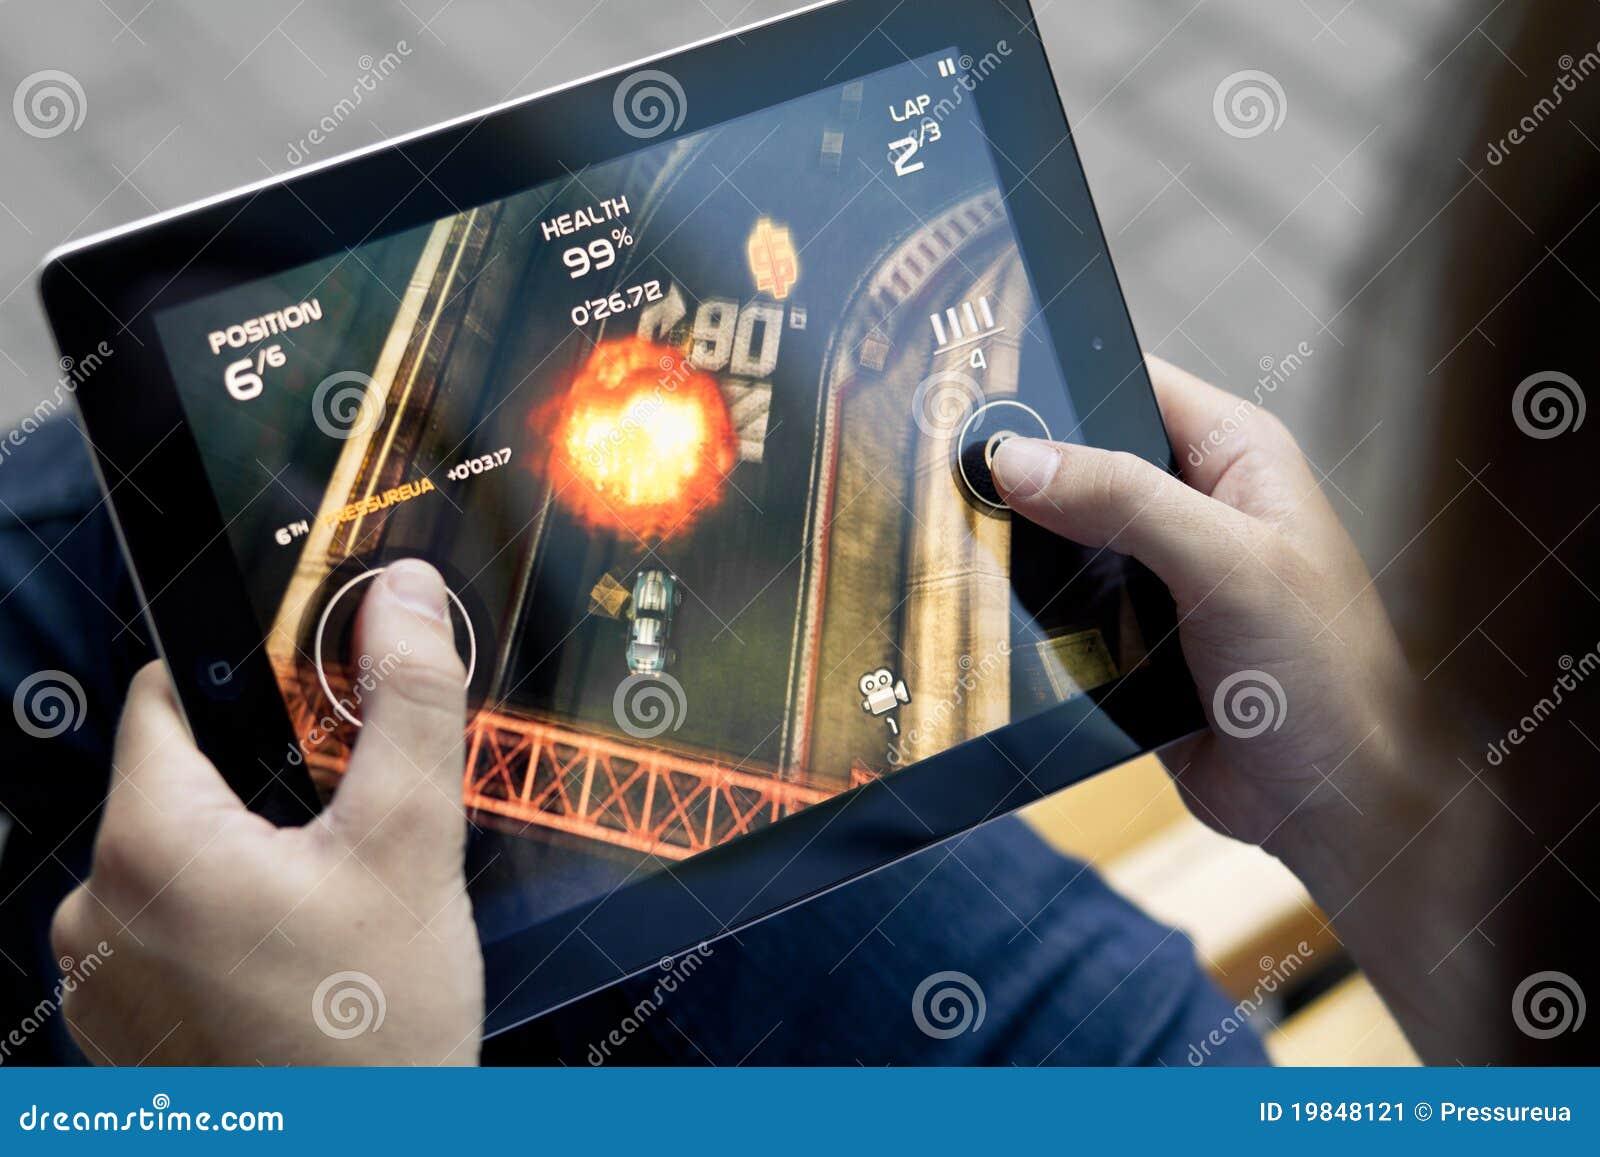 Speel de Verzameling van de Dood op Appel Ipad2